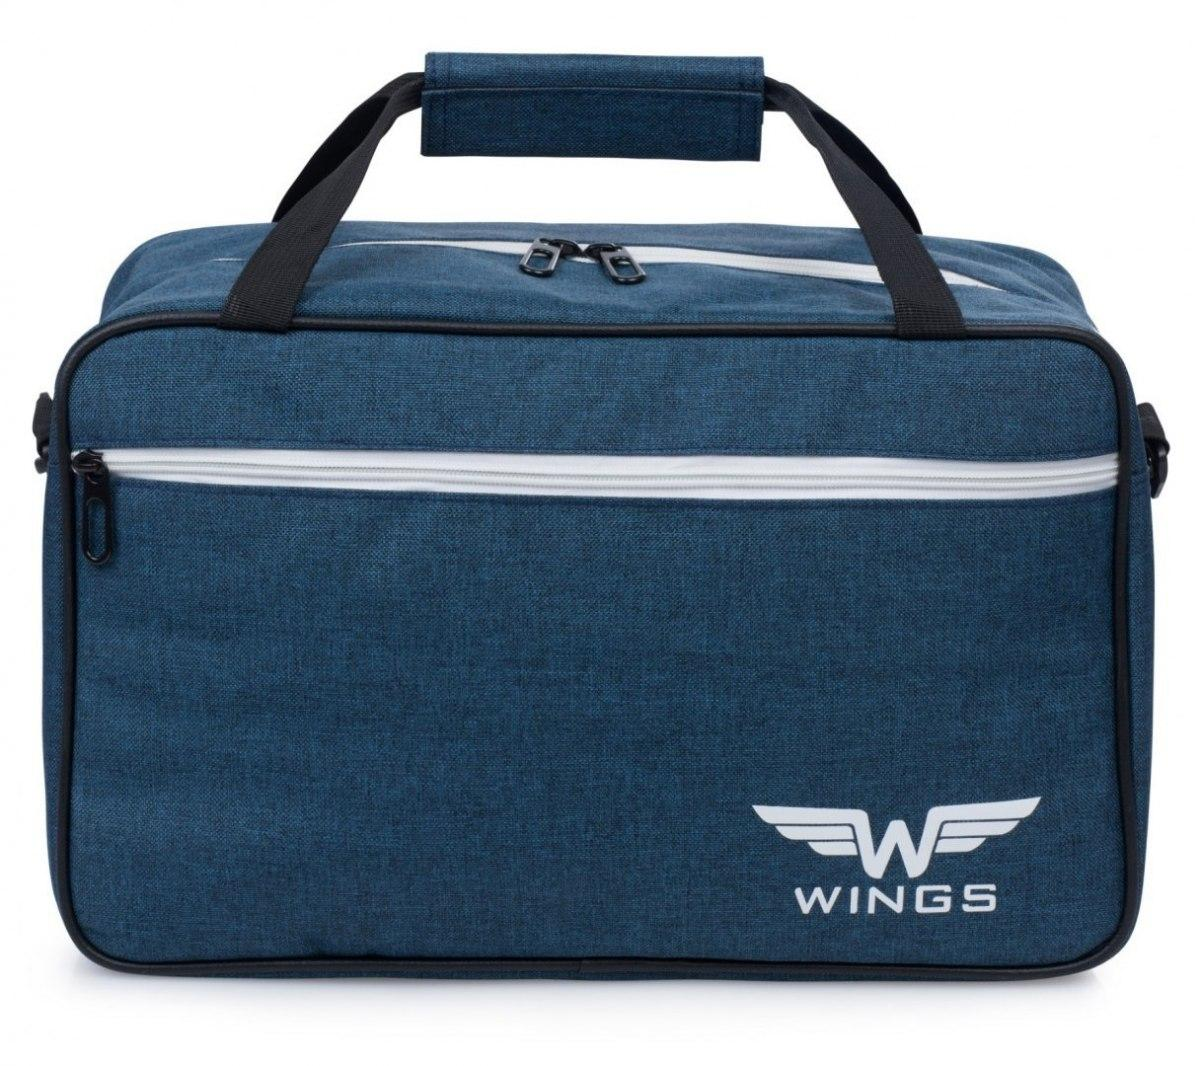 Сумка дорожная на чемодан Wings TB01 Ручная кладь 40x25x20 см Синяя